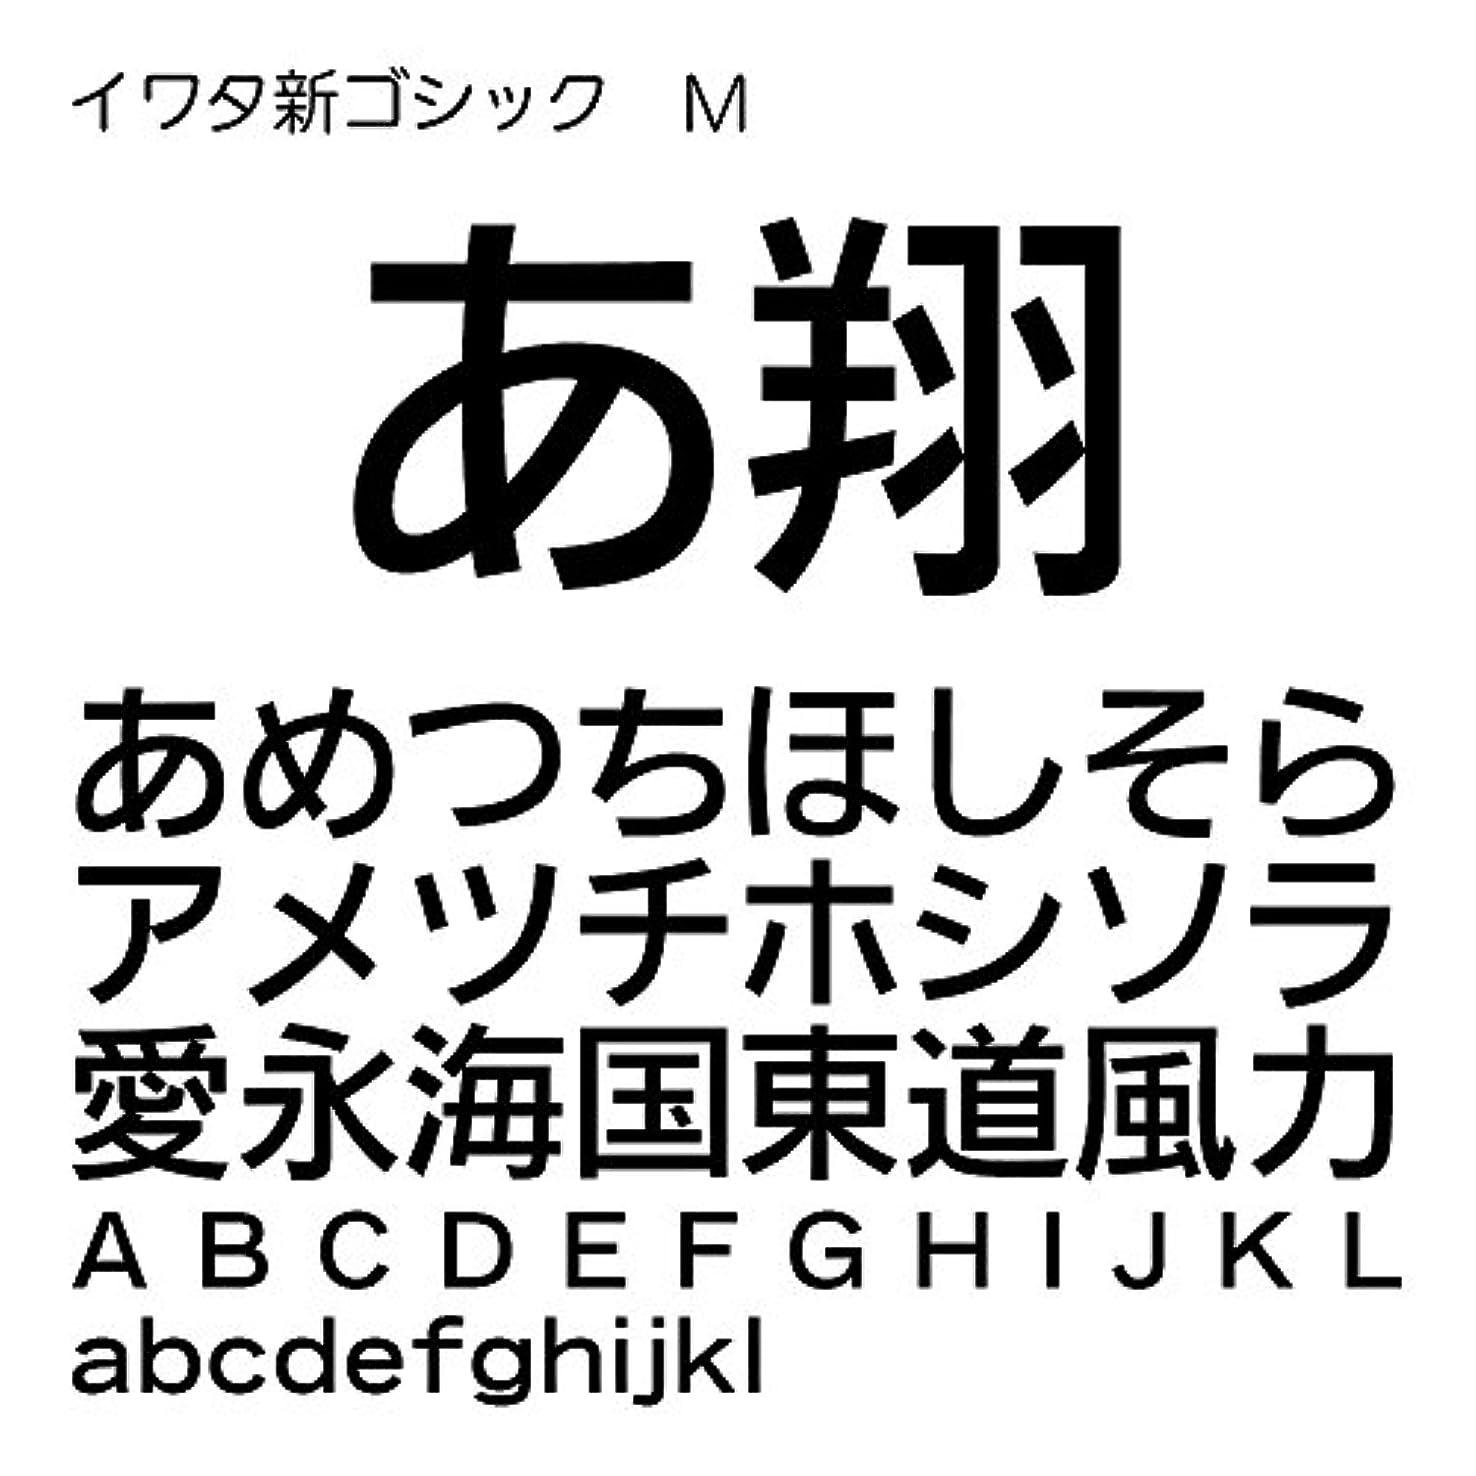 書士所有者送信するイワタ新ゴシック体M TrueType Font for Windows [ダウンロード]